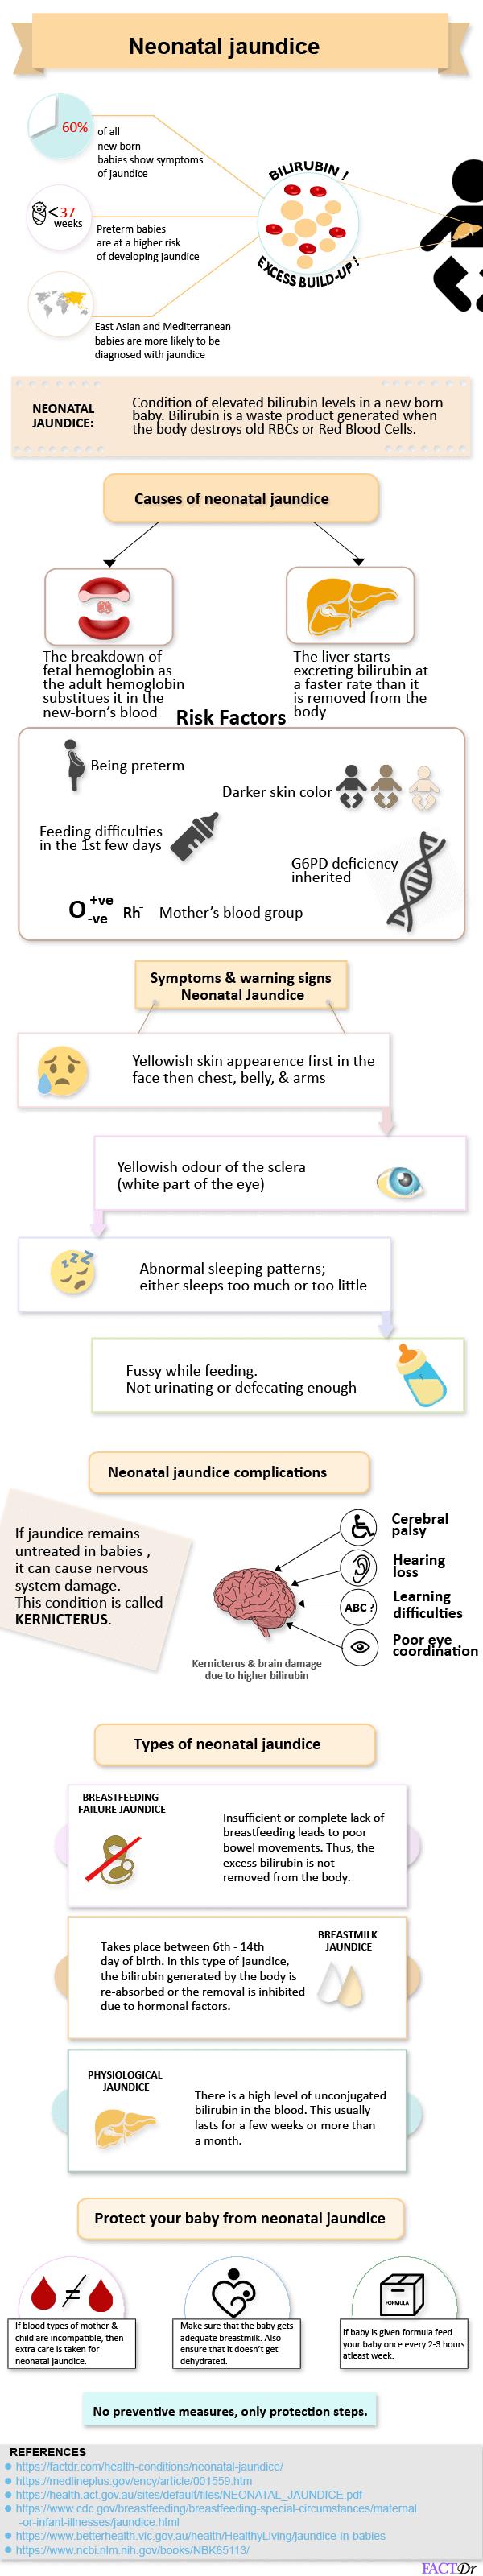 Neonatal jaundice infographic